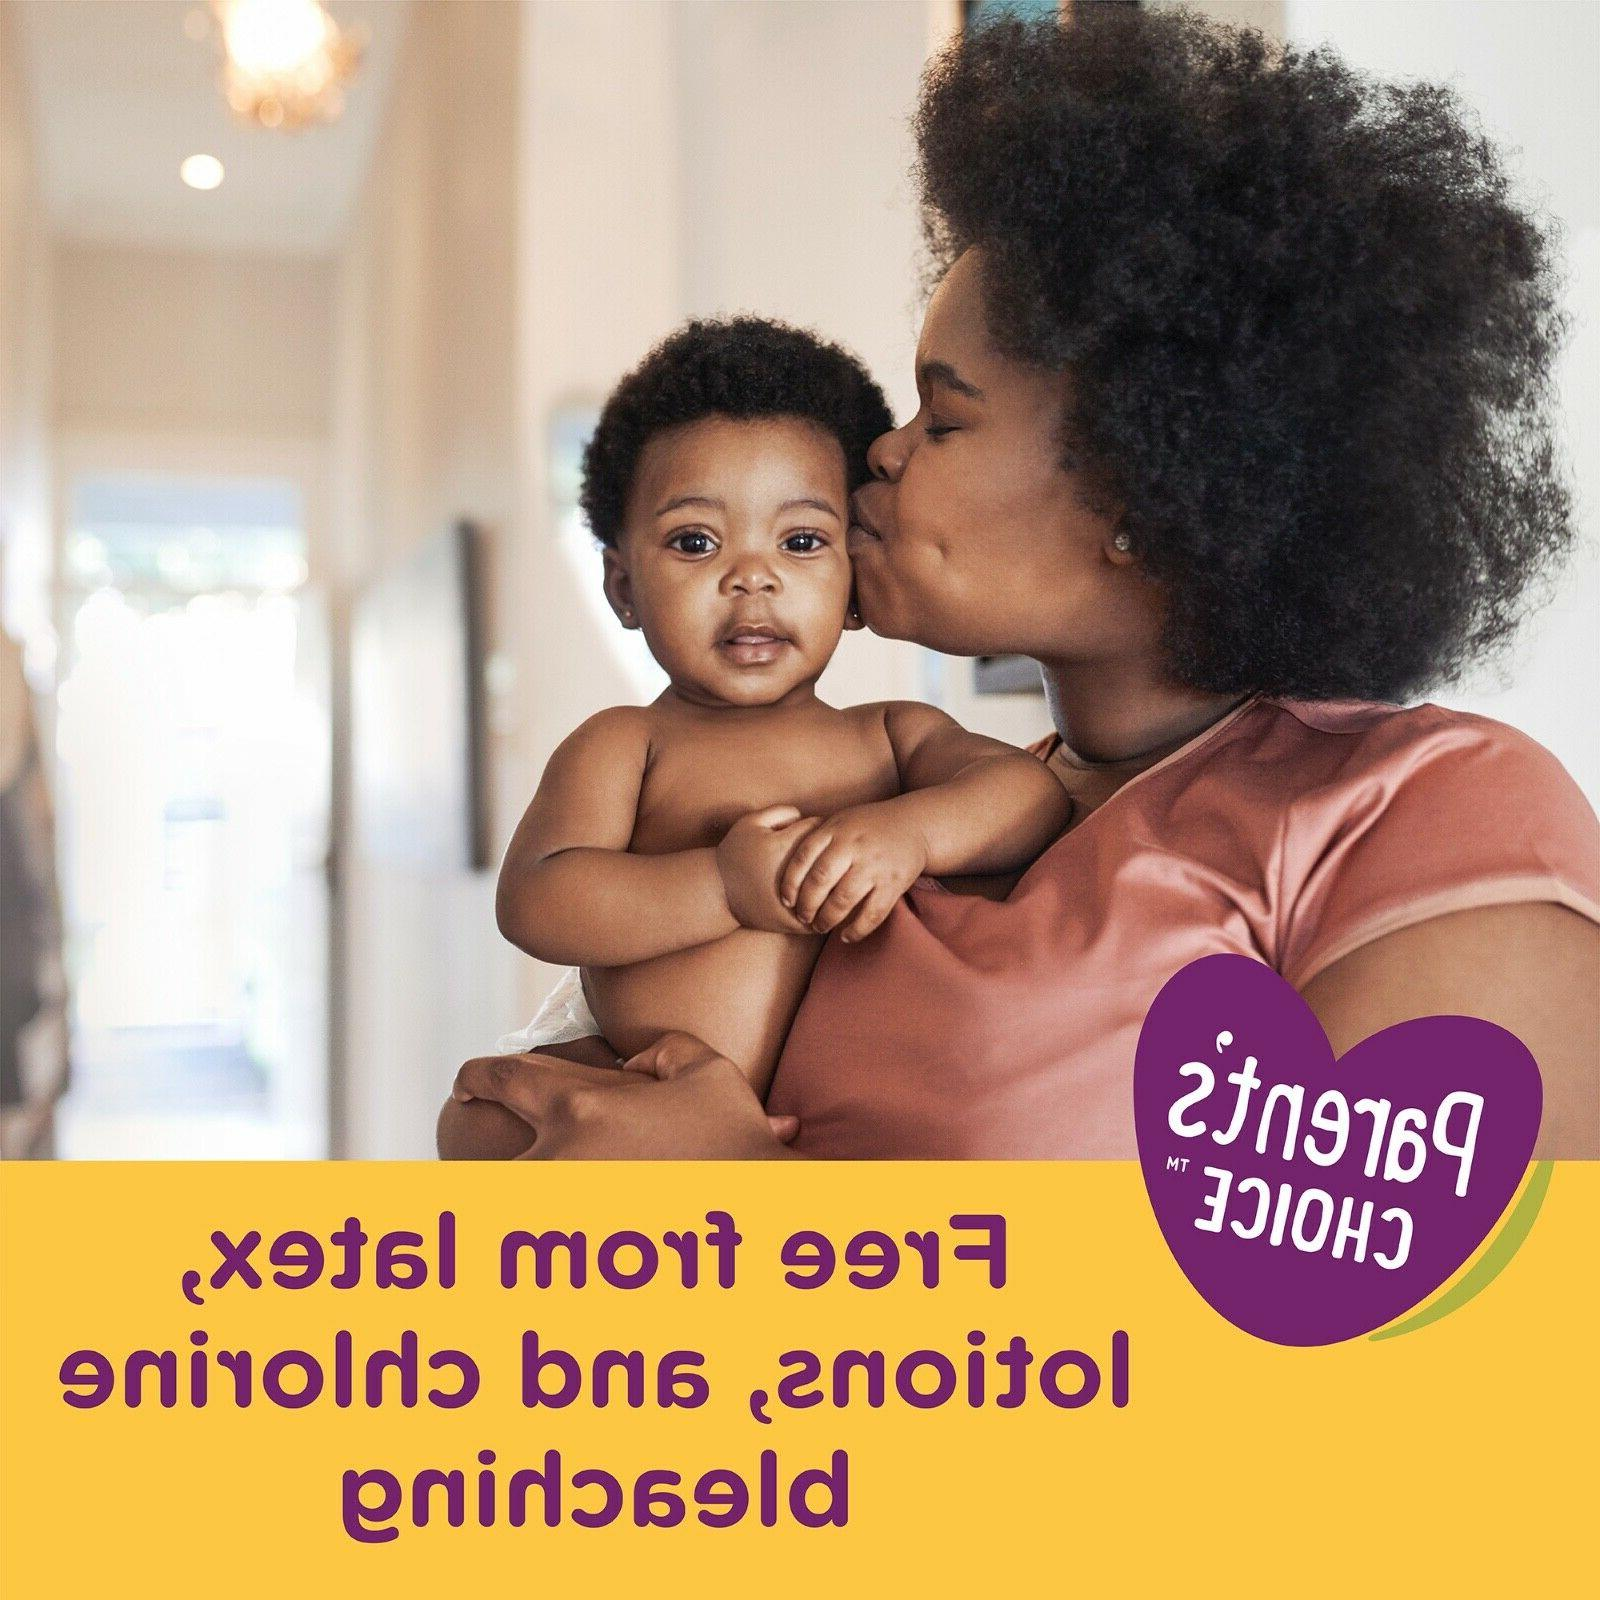 Parent's Gentle Baby 1-6, Count up 336